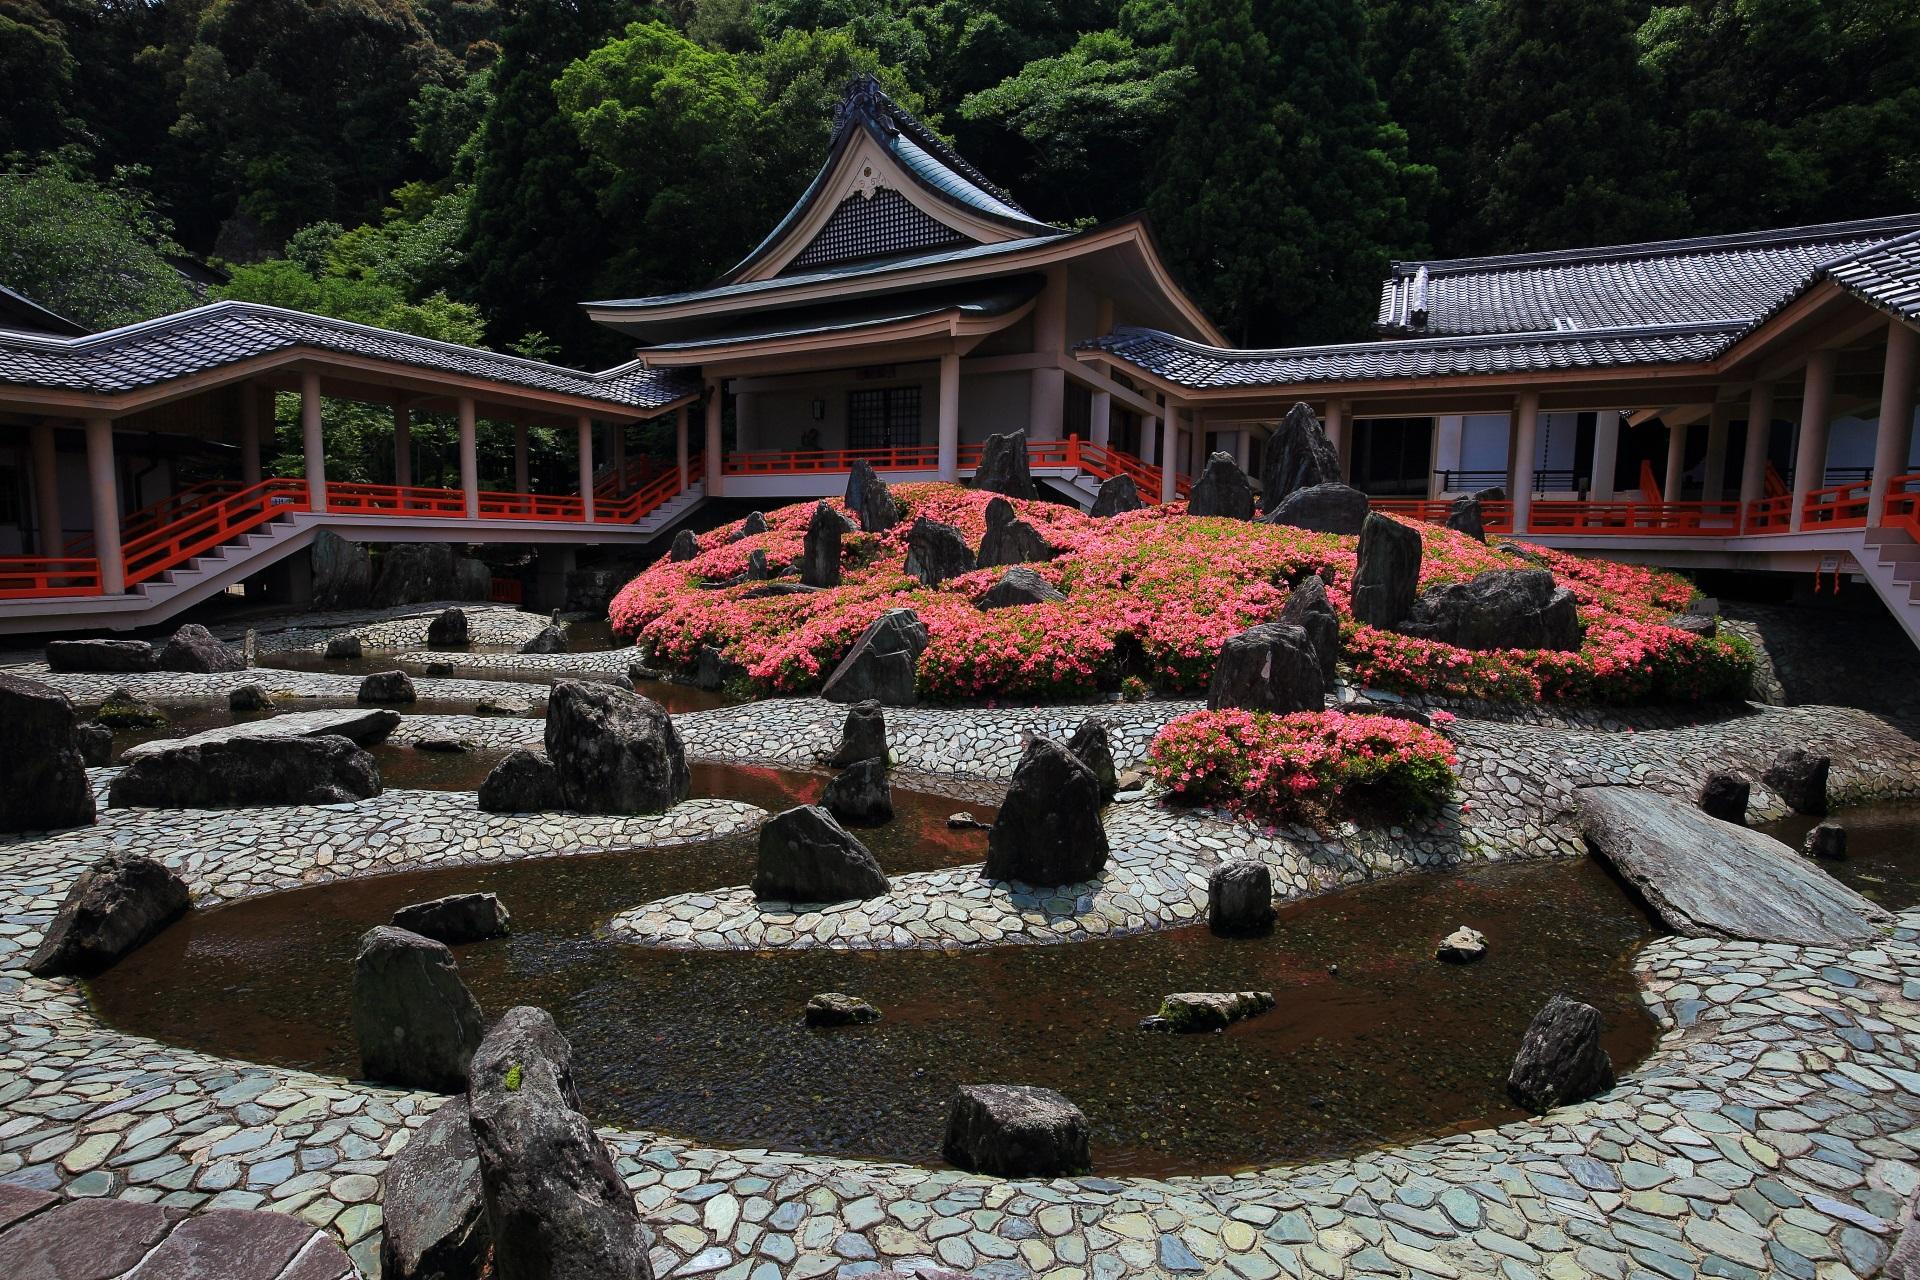 松尾大社 さつき 華やかに彩られる水の庭園